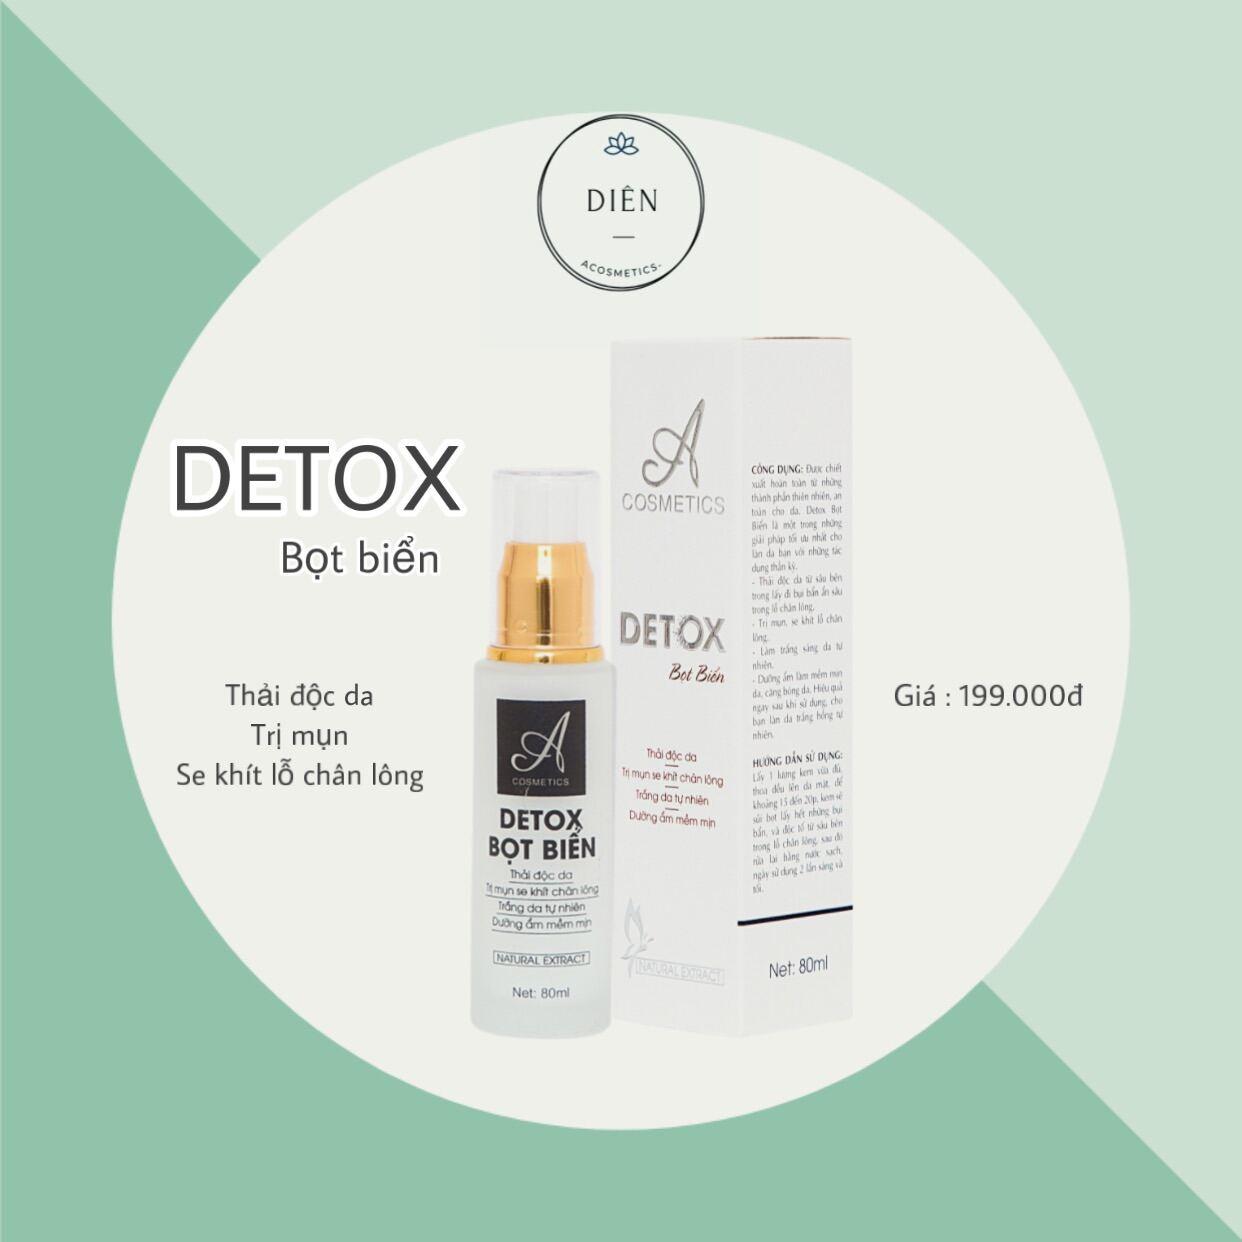 Detox Bọt Biển Acosmetics - Thải độc, tẩy trang, trị mụn , dưỡng trắng da thumbnail